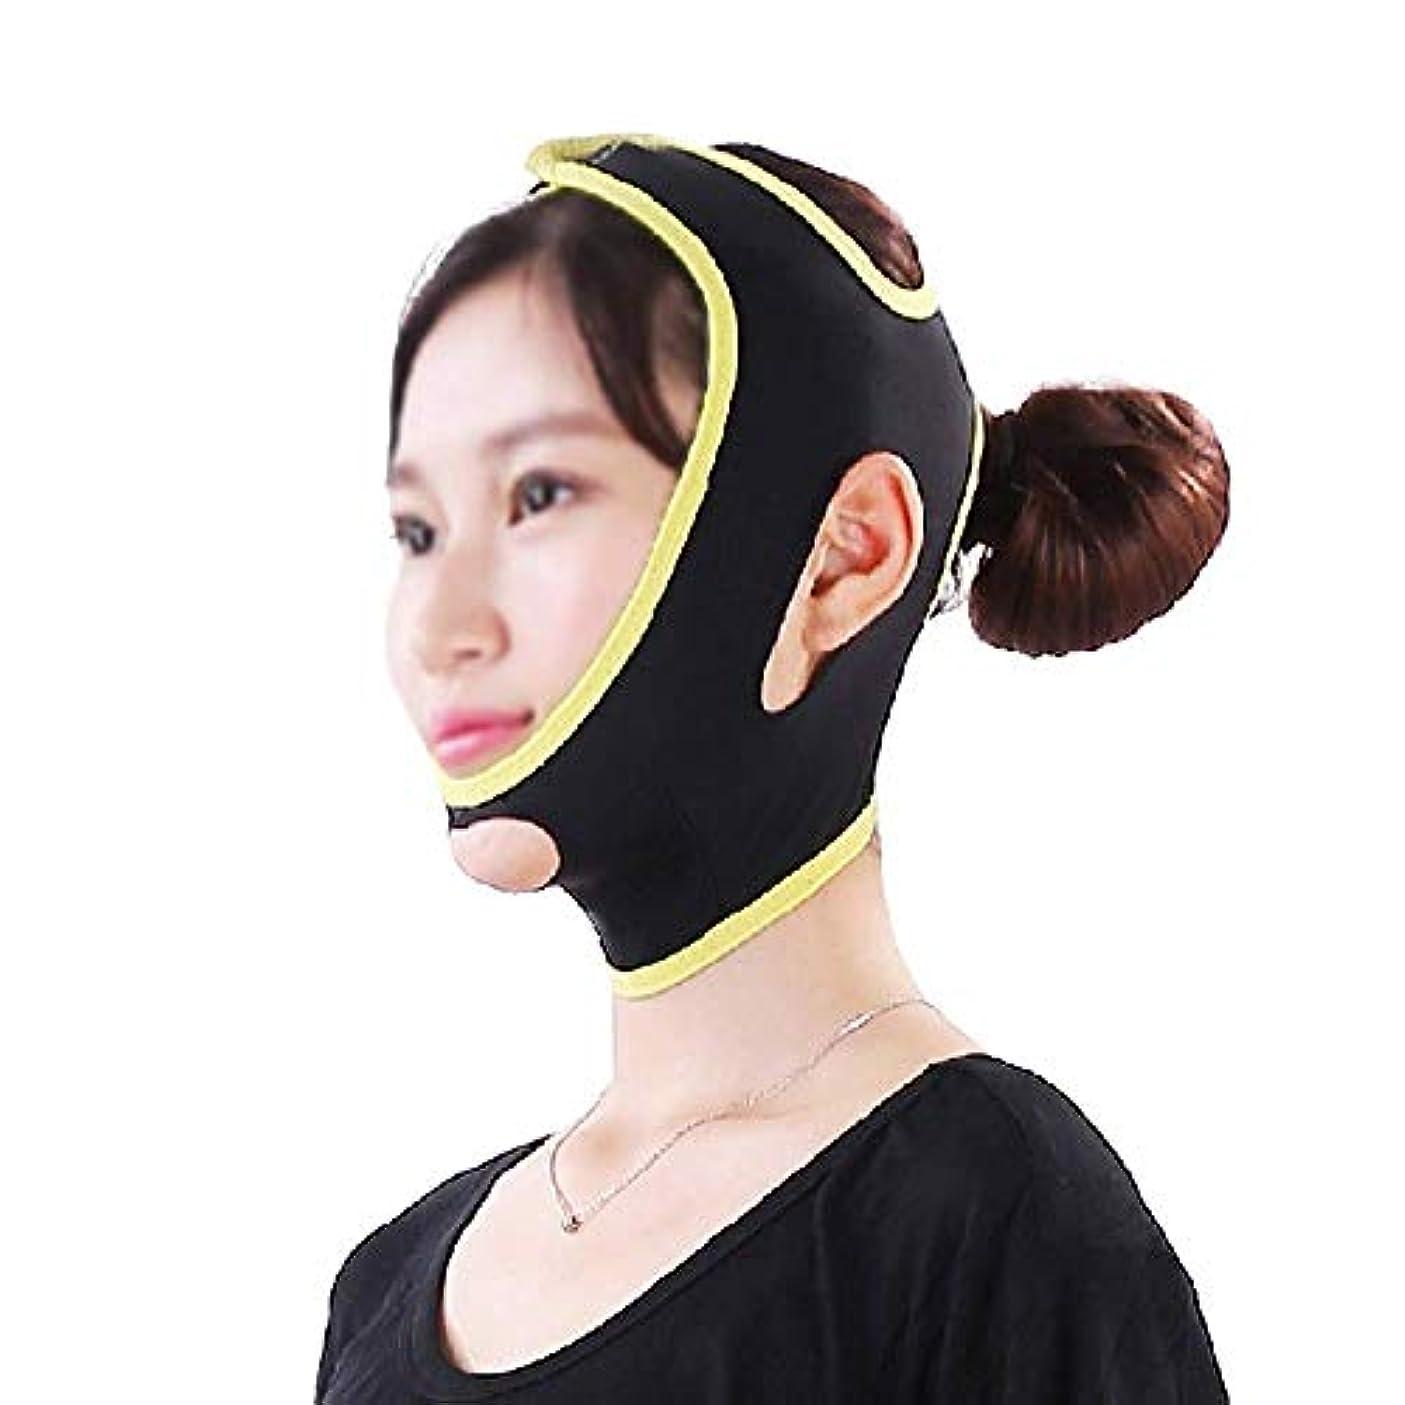 研究同一の相続人フェイスアンドネックリフト、Vフェイスマスクは顔の輪郭を強化して、顎の超弾性包帯を引き締める咬筋を緩和します(サイズ:M)